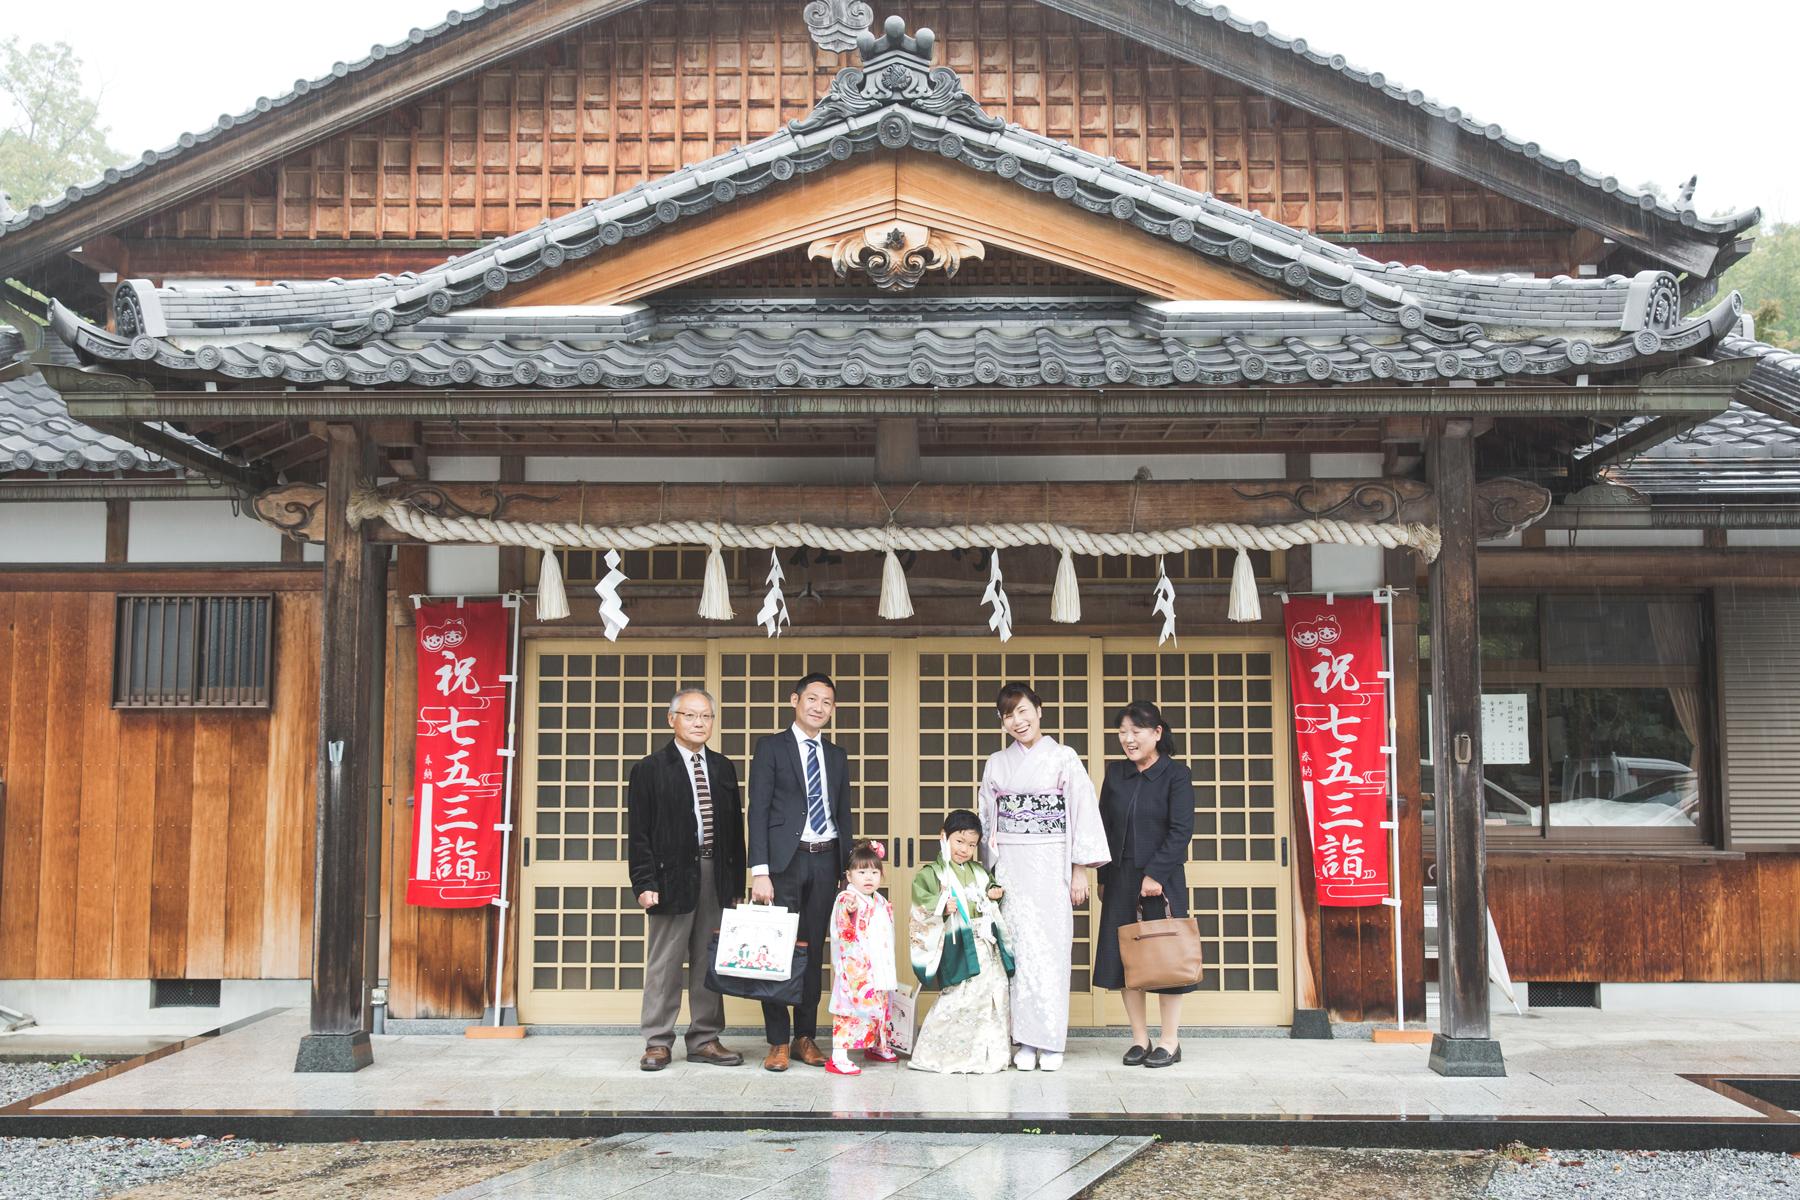 滋賀県彦根市の稲村神社での七五三撮影